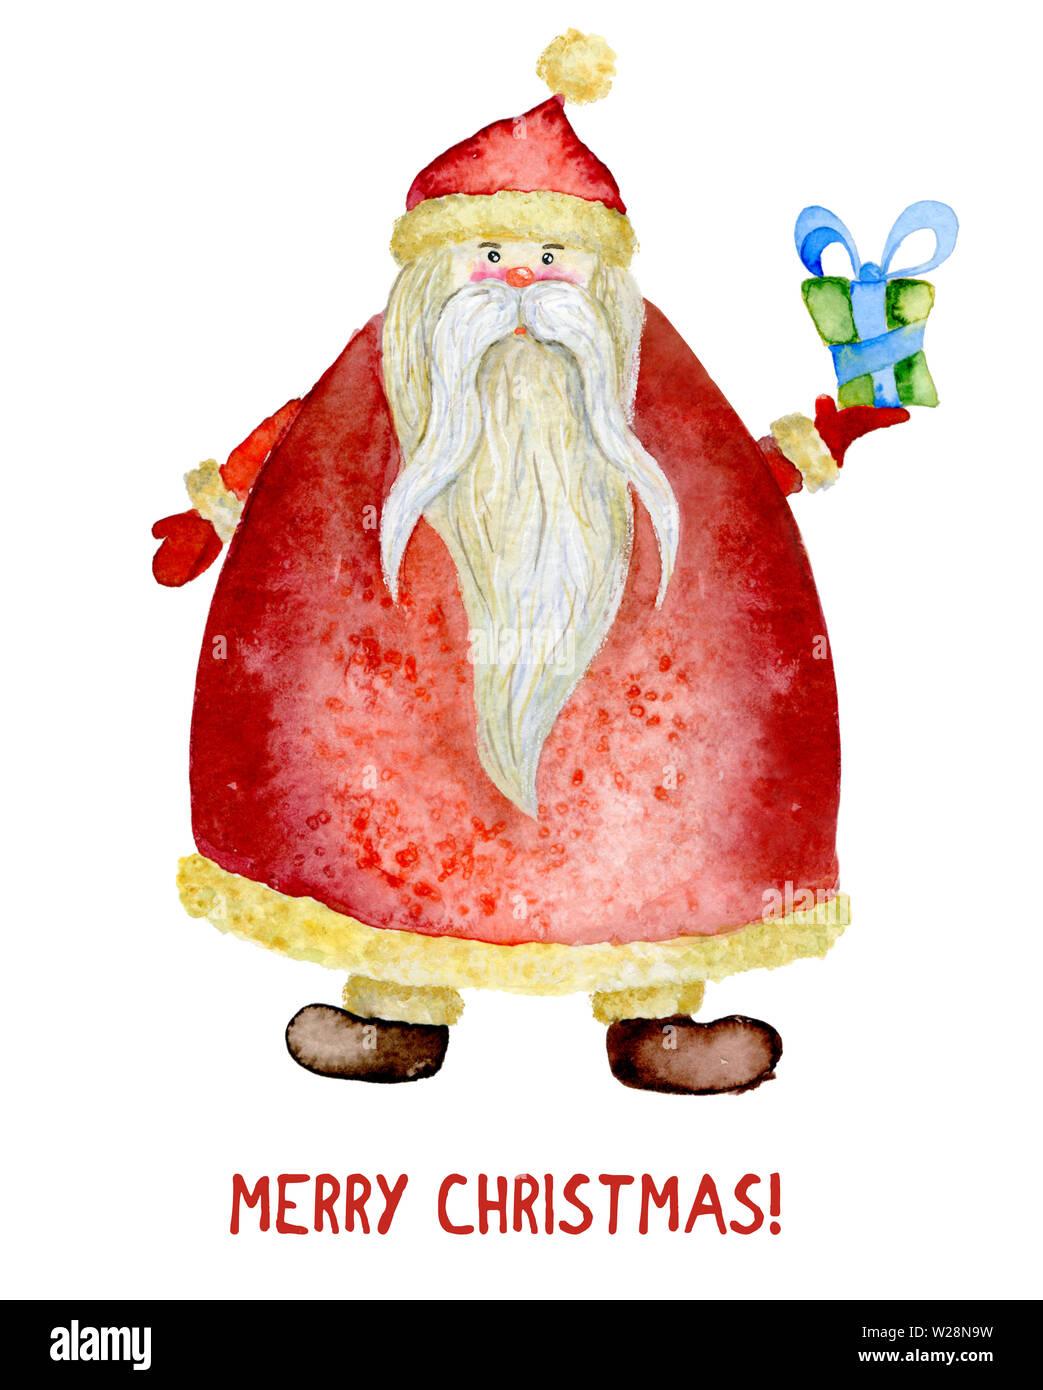 Geschenkanhänger Frohe Weihnachten.Aquarell Abbildung Santa Claus Mit Einem Geschenk Frohes Neues